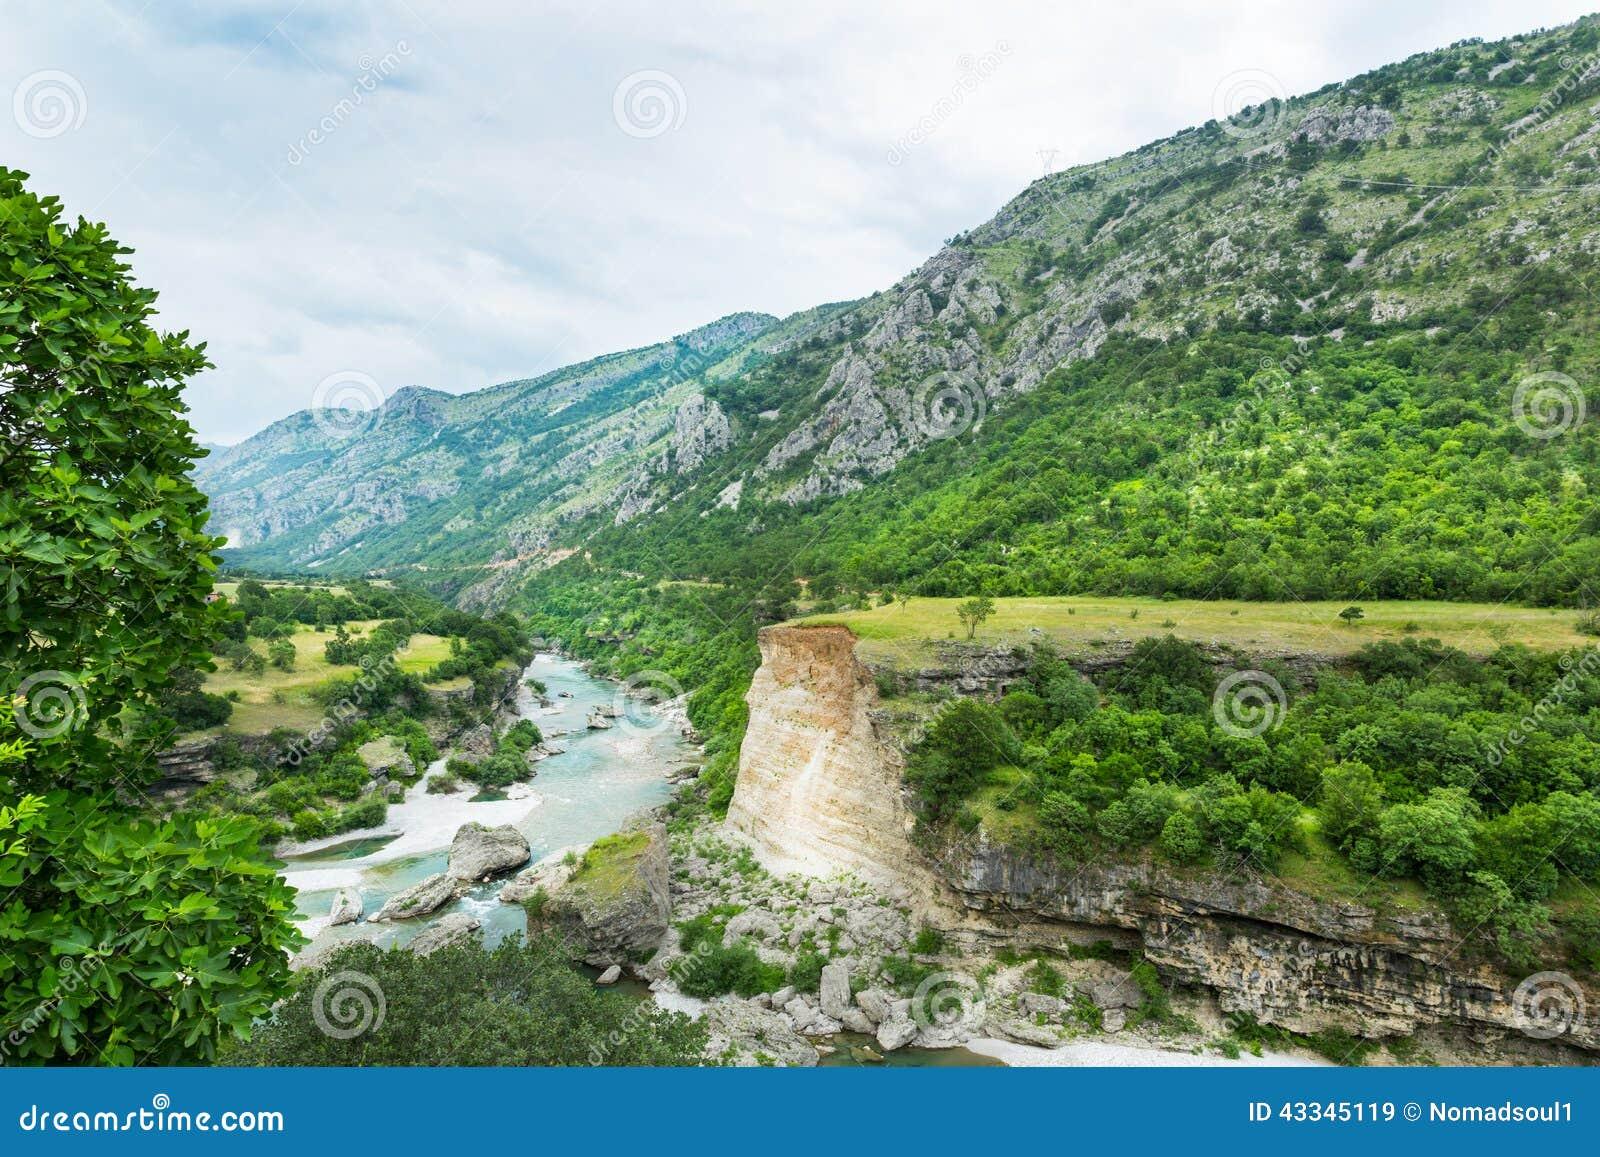 Montagne et paysage vert de Monténégro